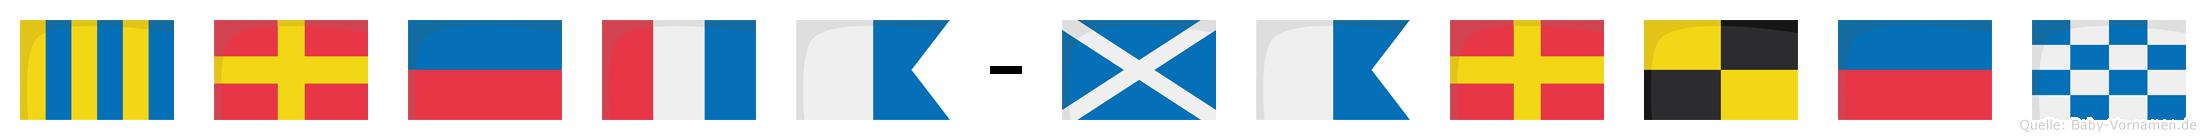 Greta-Marlen im Flaggenalphabet